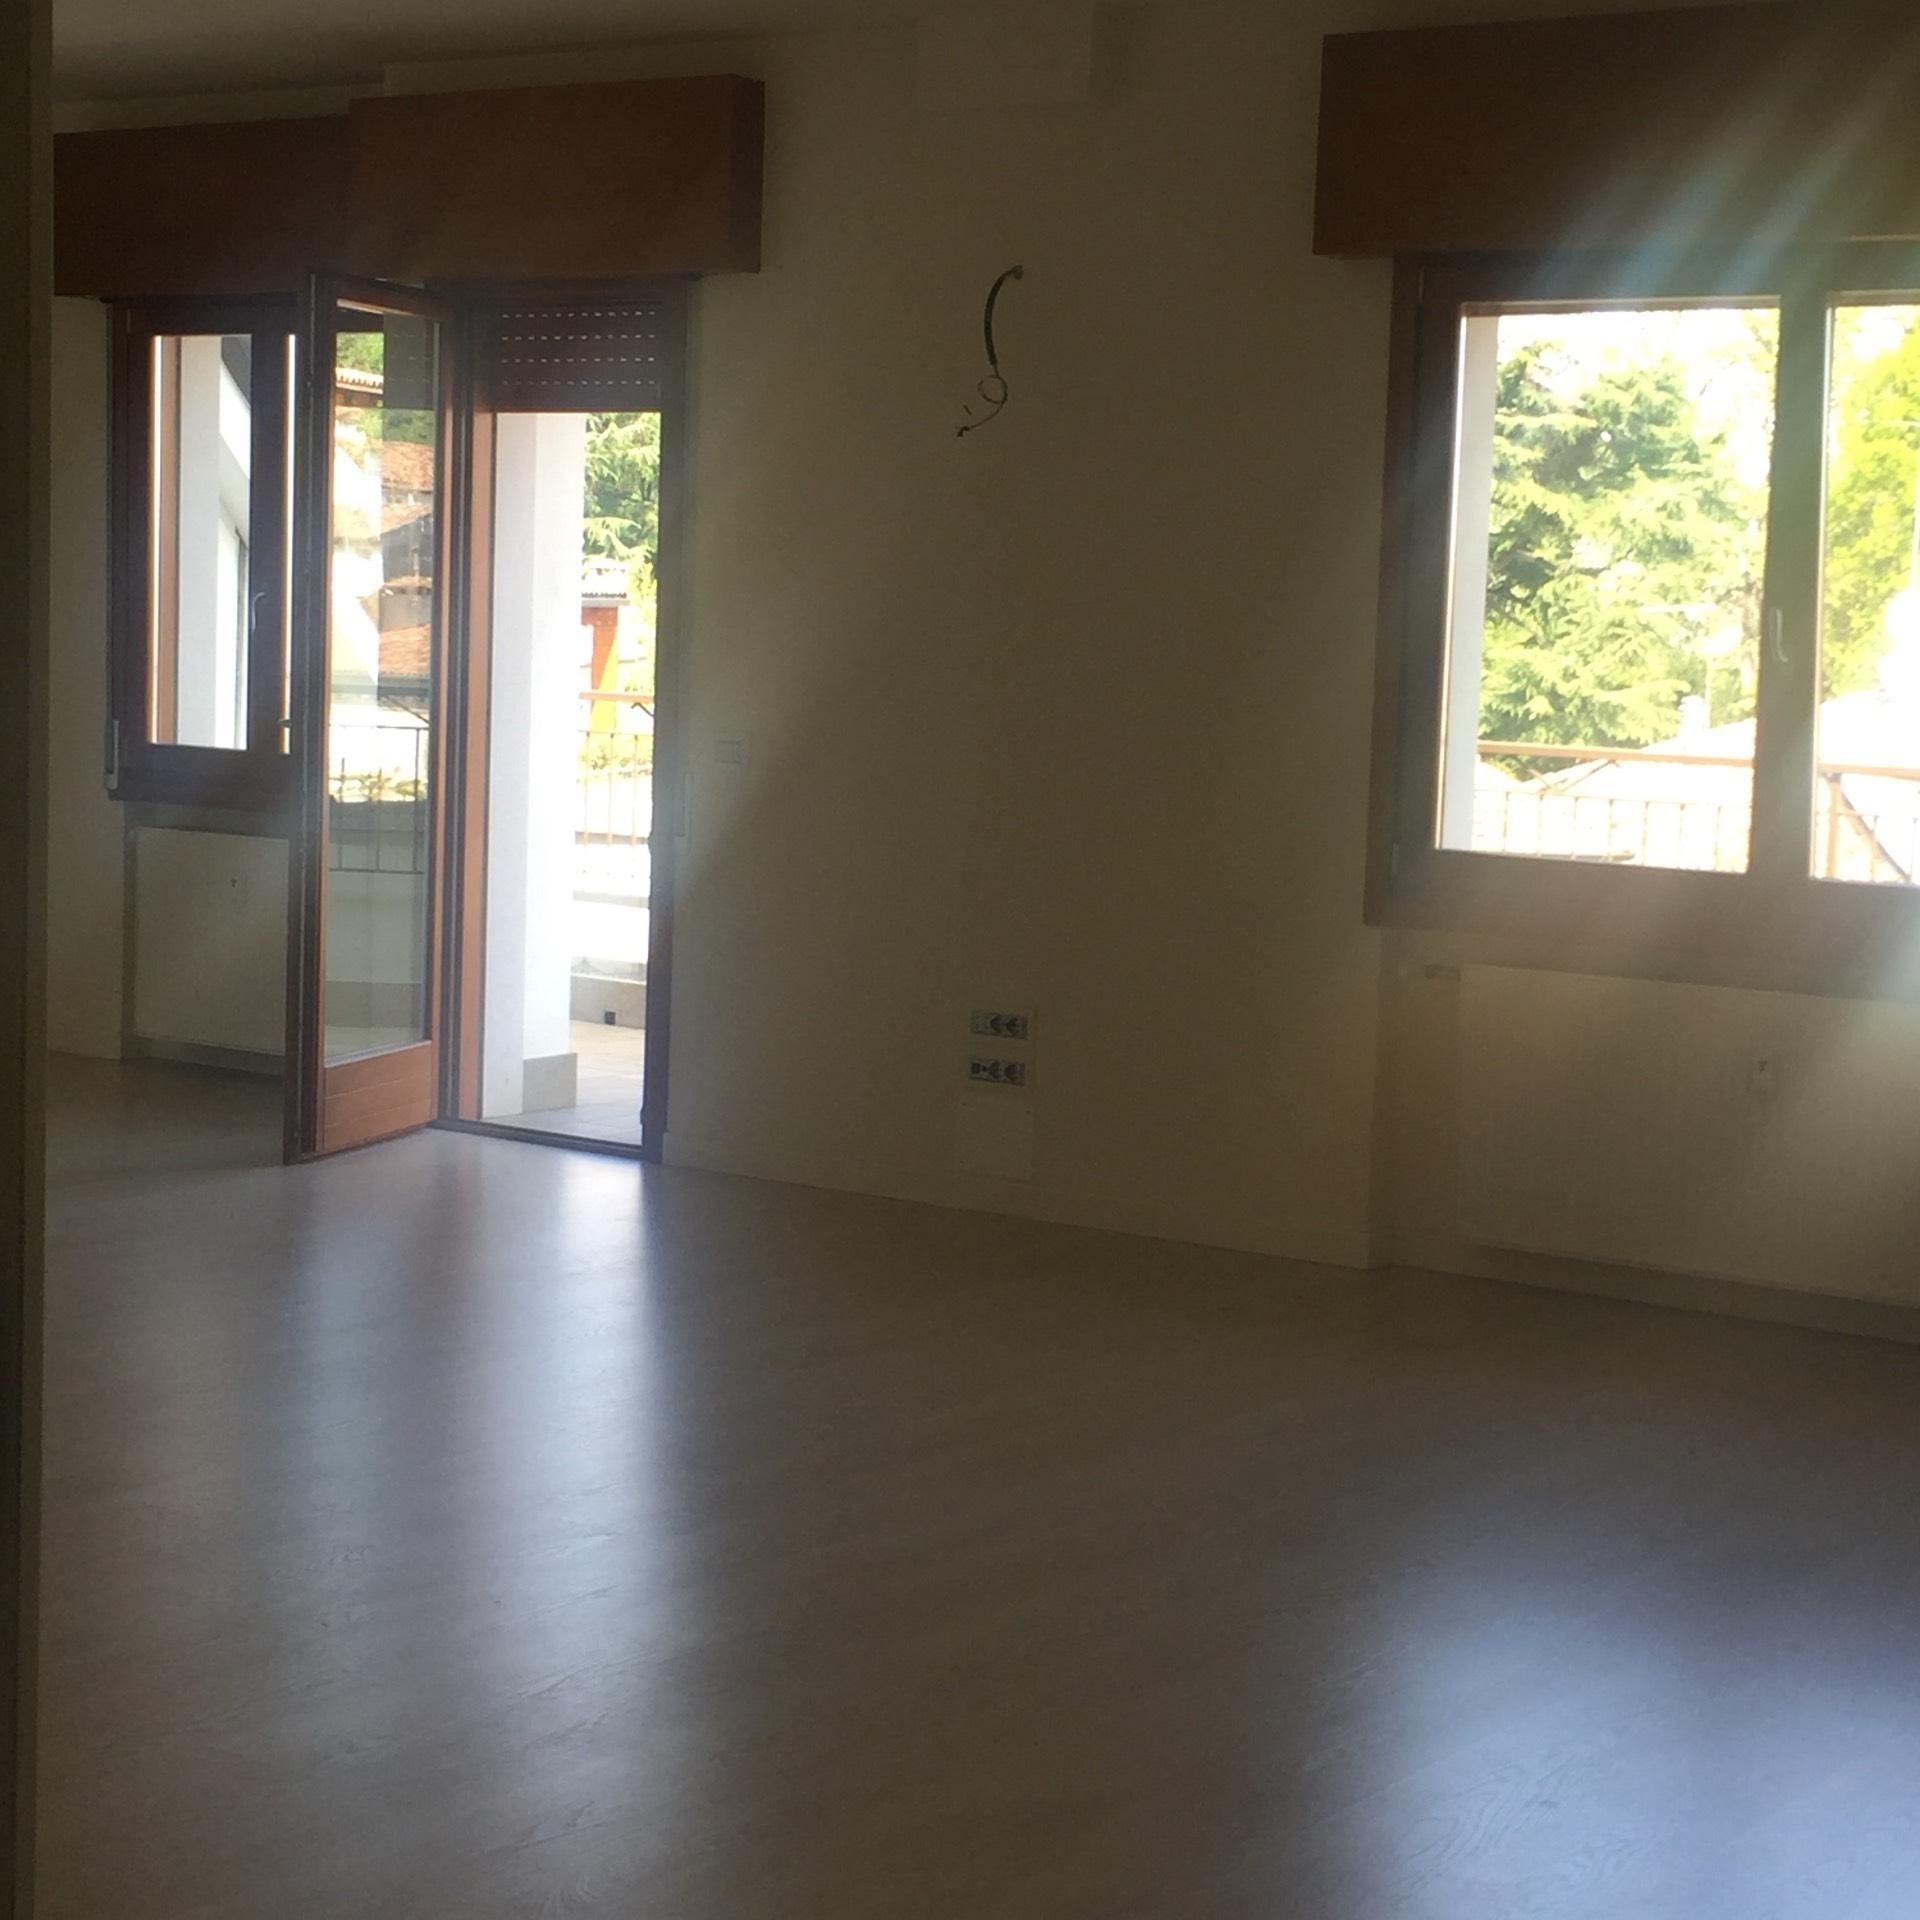 Attico / Mansarda in vendita a Conegliano, 8 locali, prezzo € 450.000 | CambioCasa.it